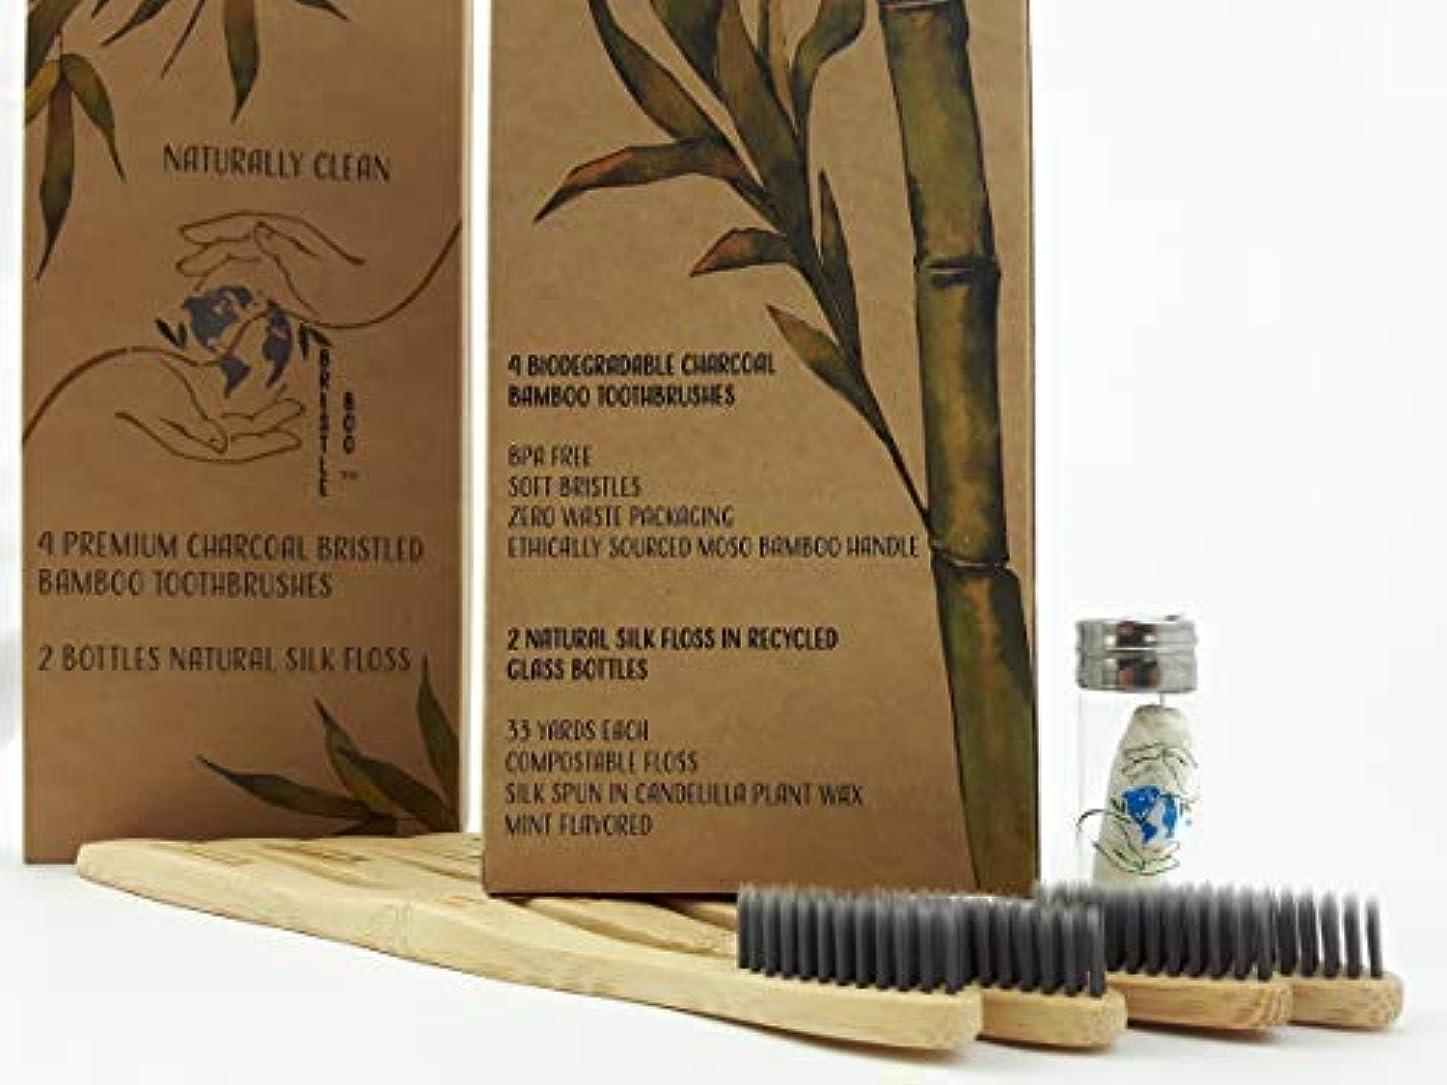 せっかちパッチスイッチAll Natural, Eco Friendly, Organic | 4 Soft, Charcoal-Infused Premium Bamboo Toothbrushes and 2 Glass Bottles...